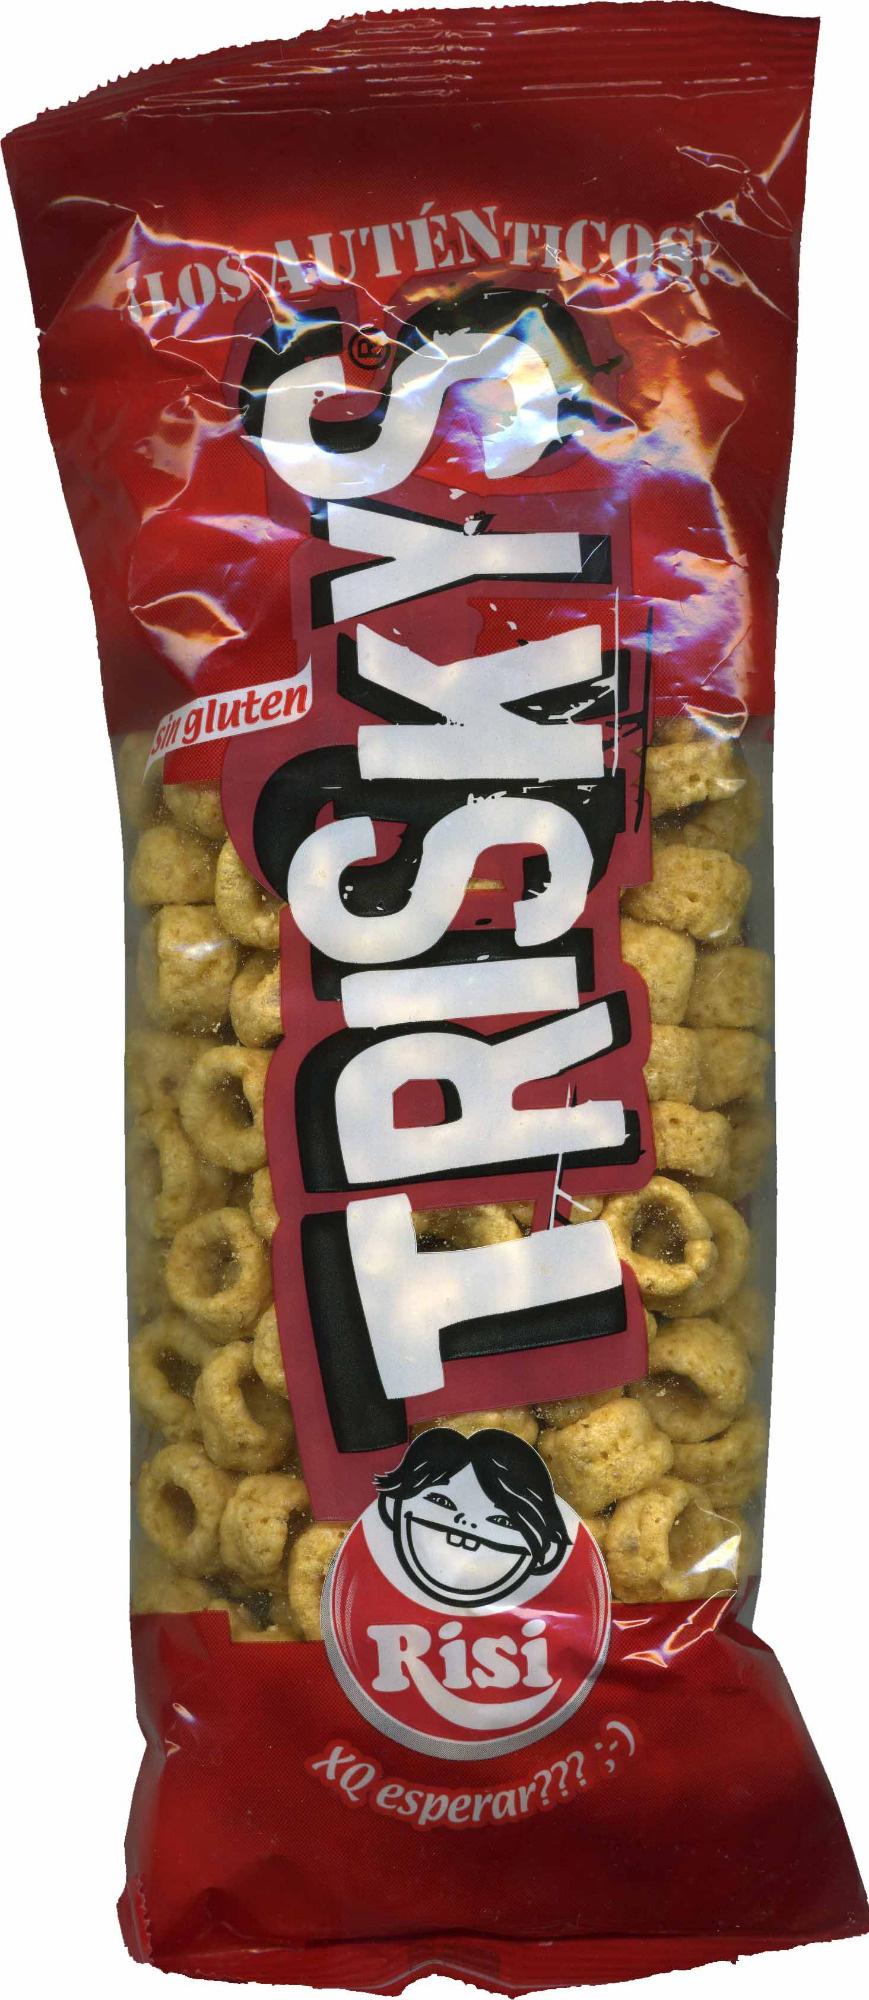 Triskys snack sin gluten - Producto - es